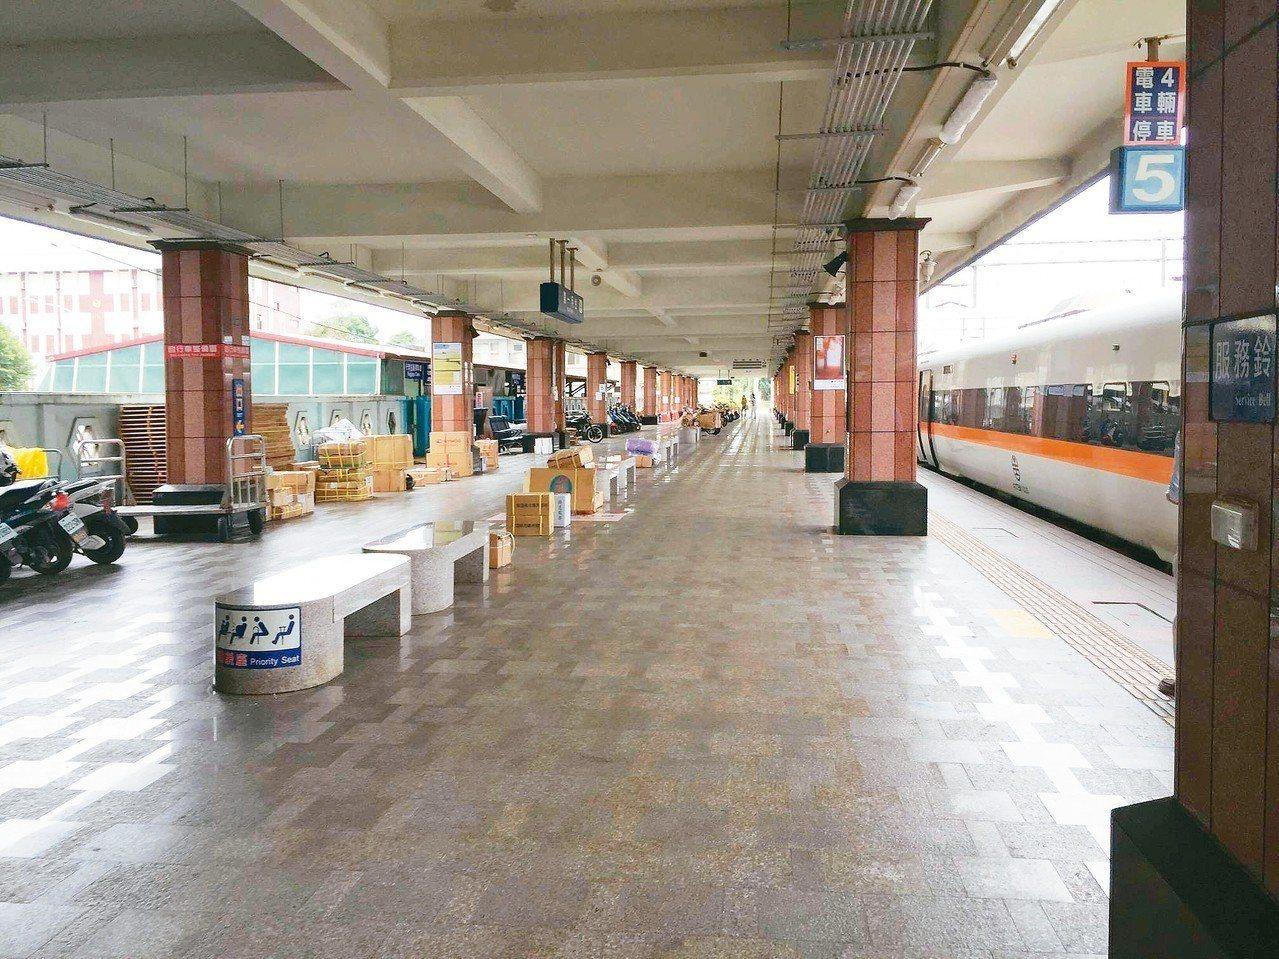 地震後,原本人來人往的花蓮車站也顯得空蕩蕩。 記者徐庭揚/攝影